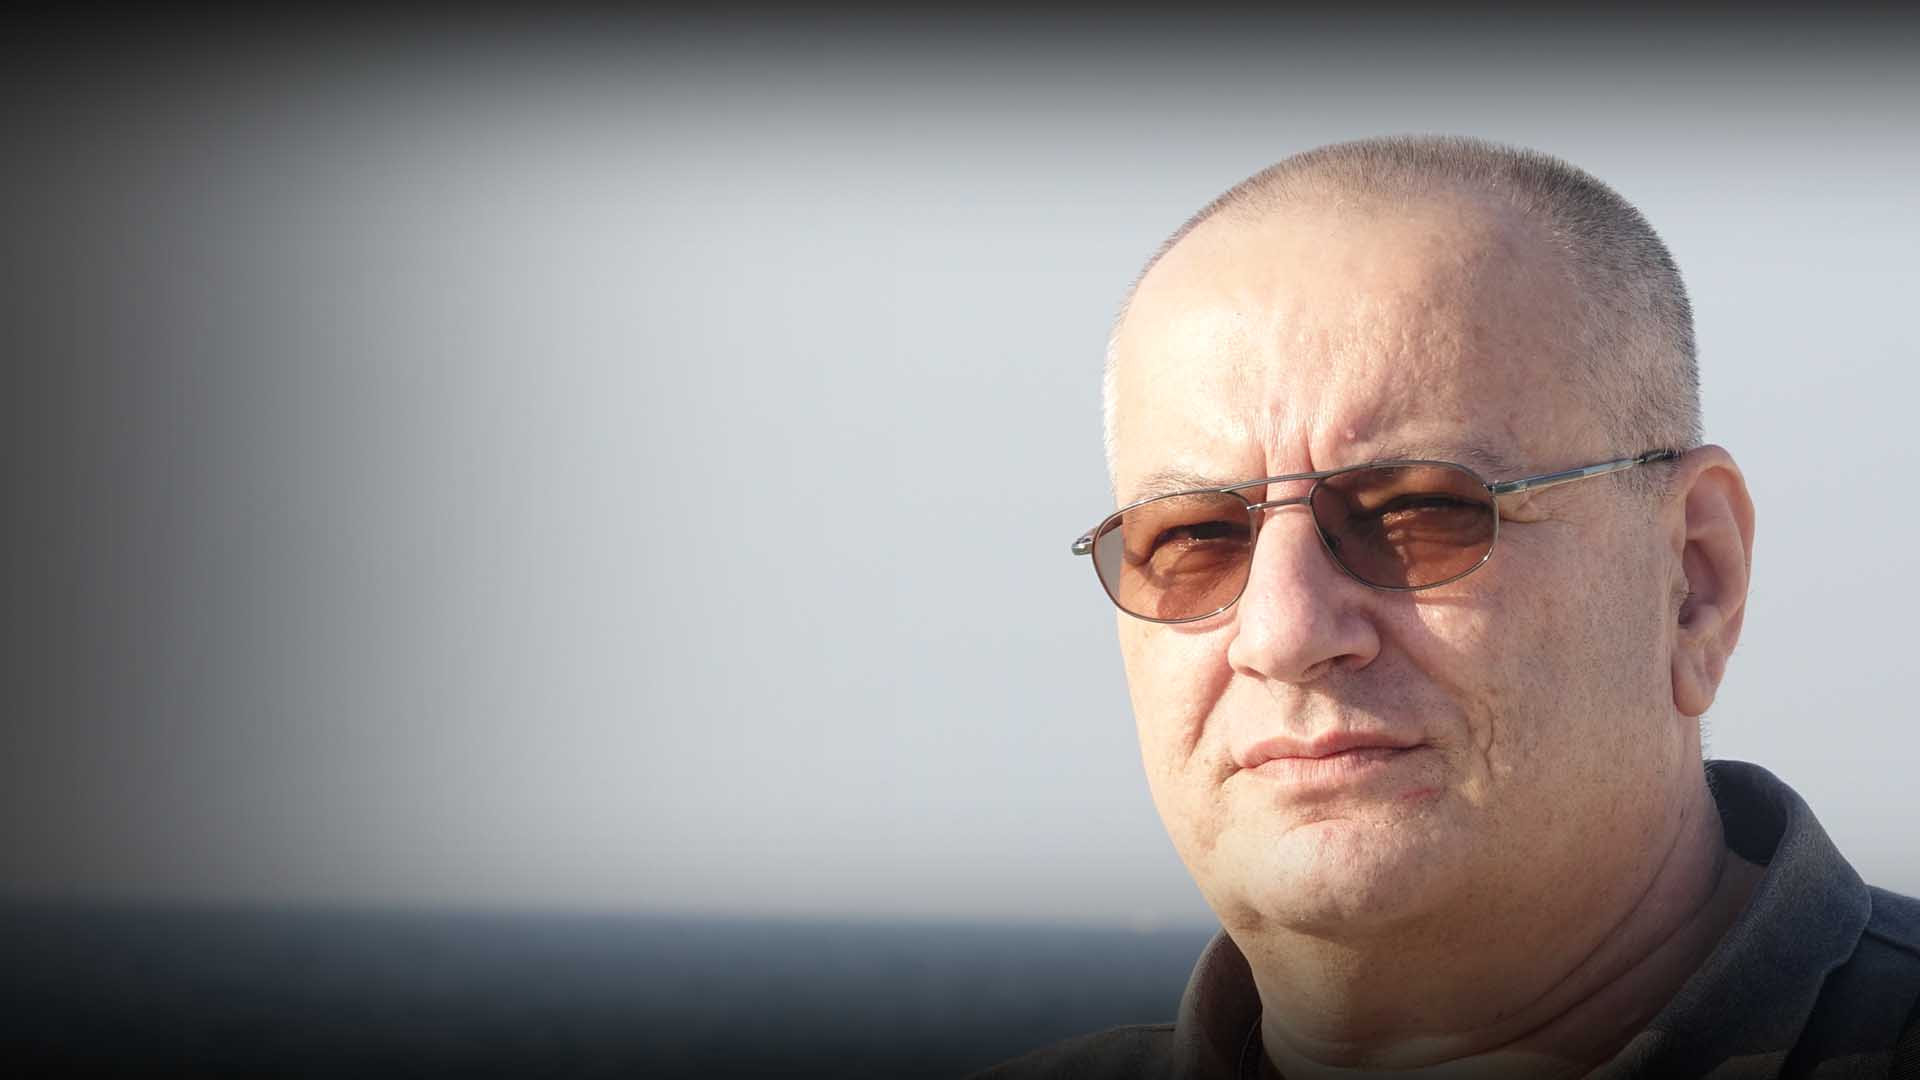 """ممدوح حمادة: """"أنا ضد الاستبداد والفساد الذي ينخر النظام حتى النخاع"""""""